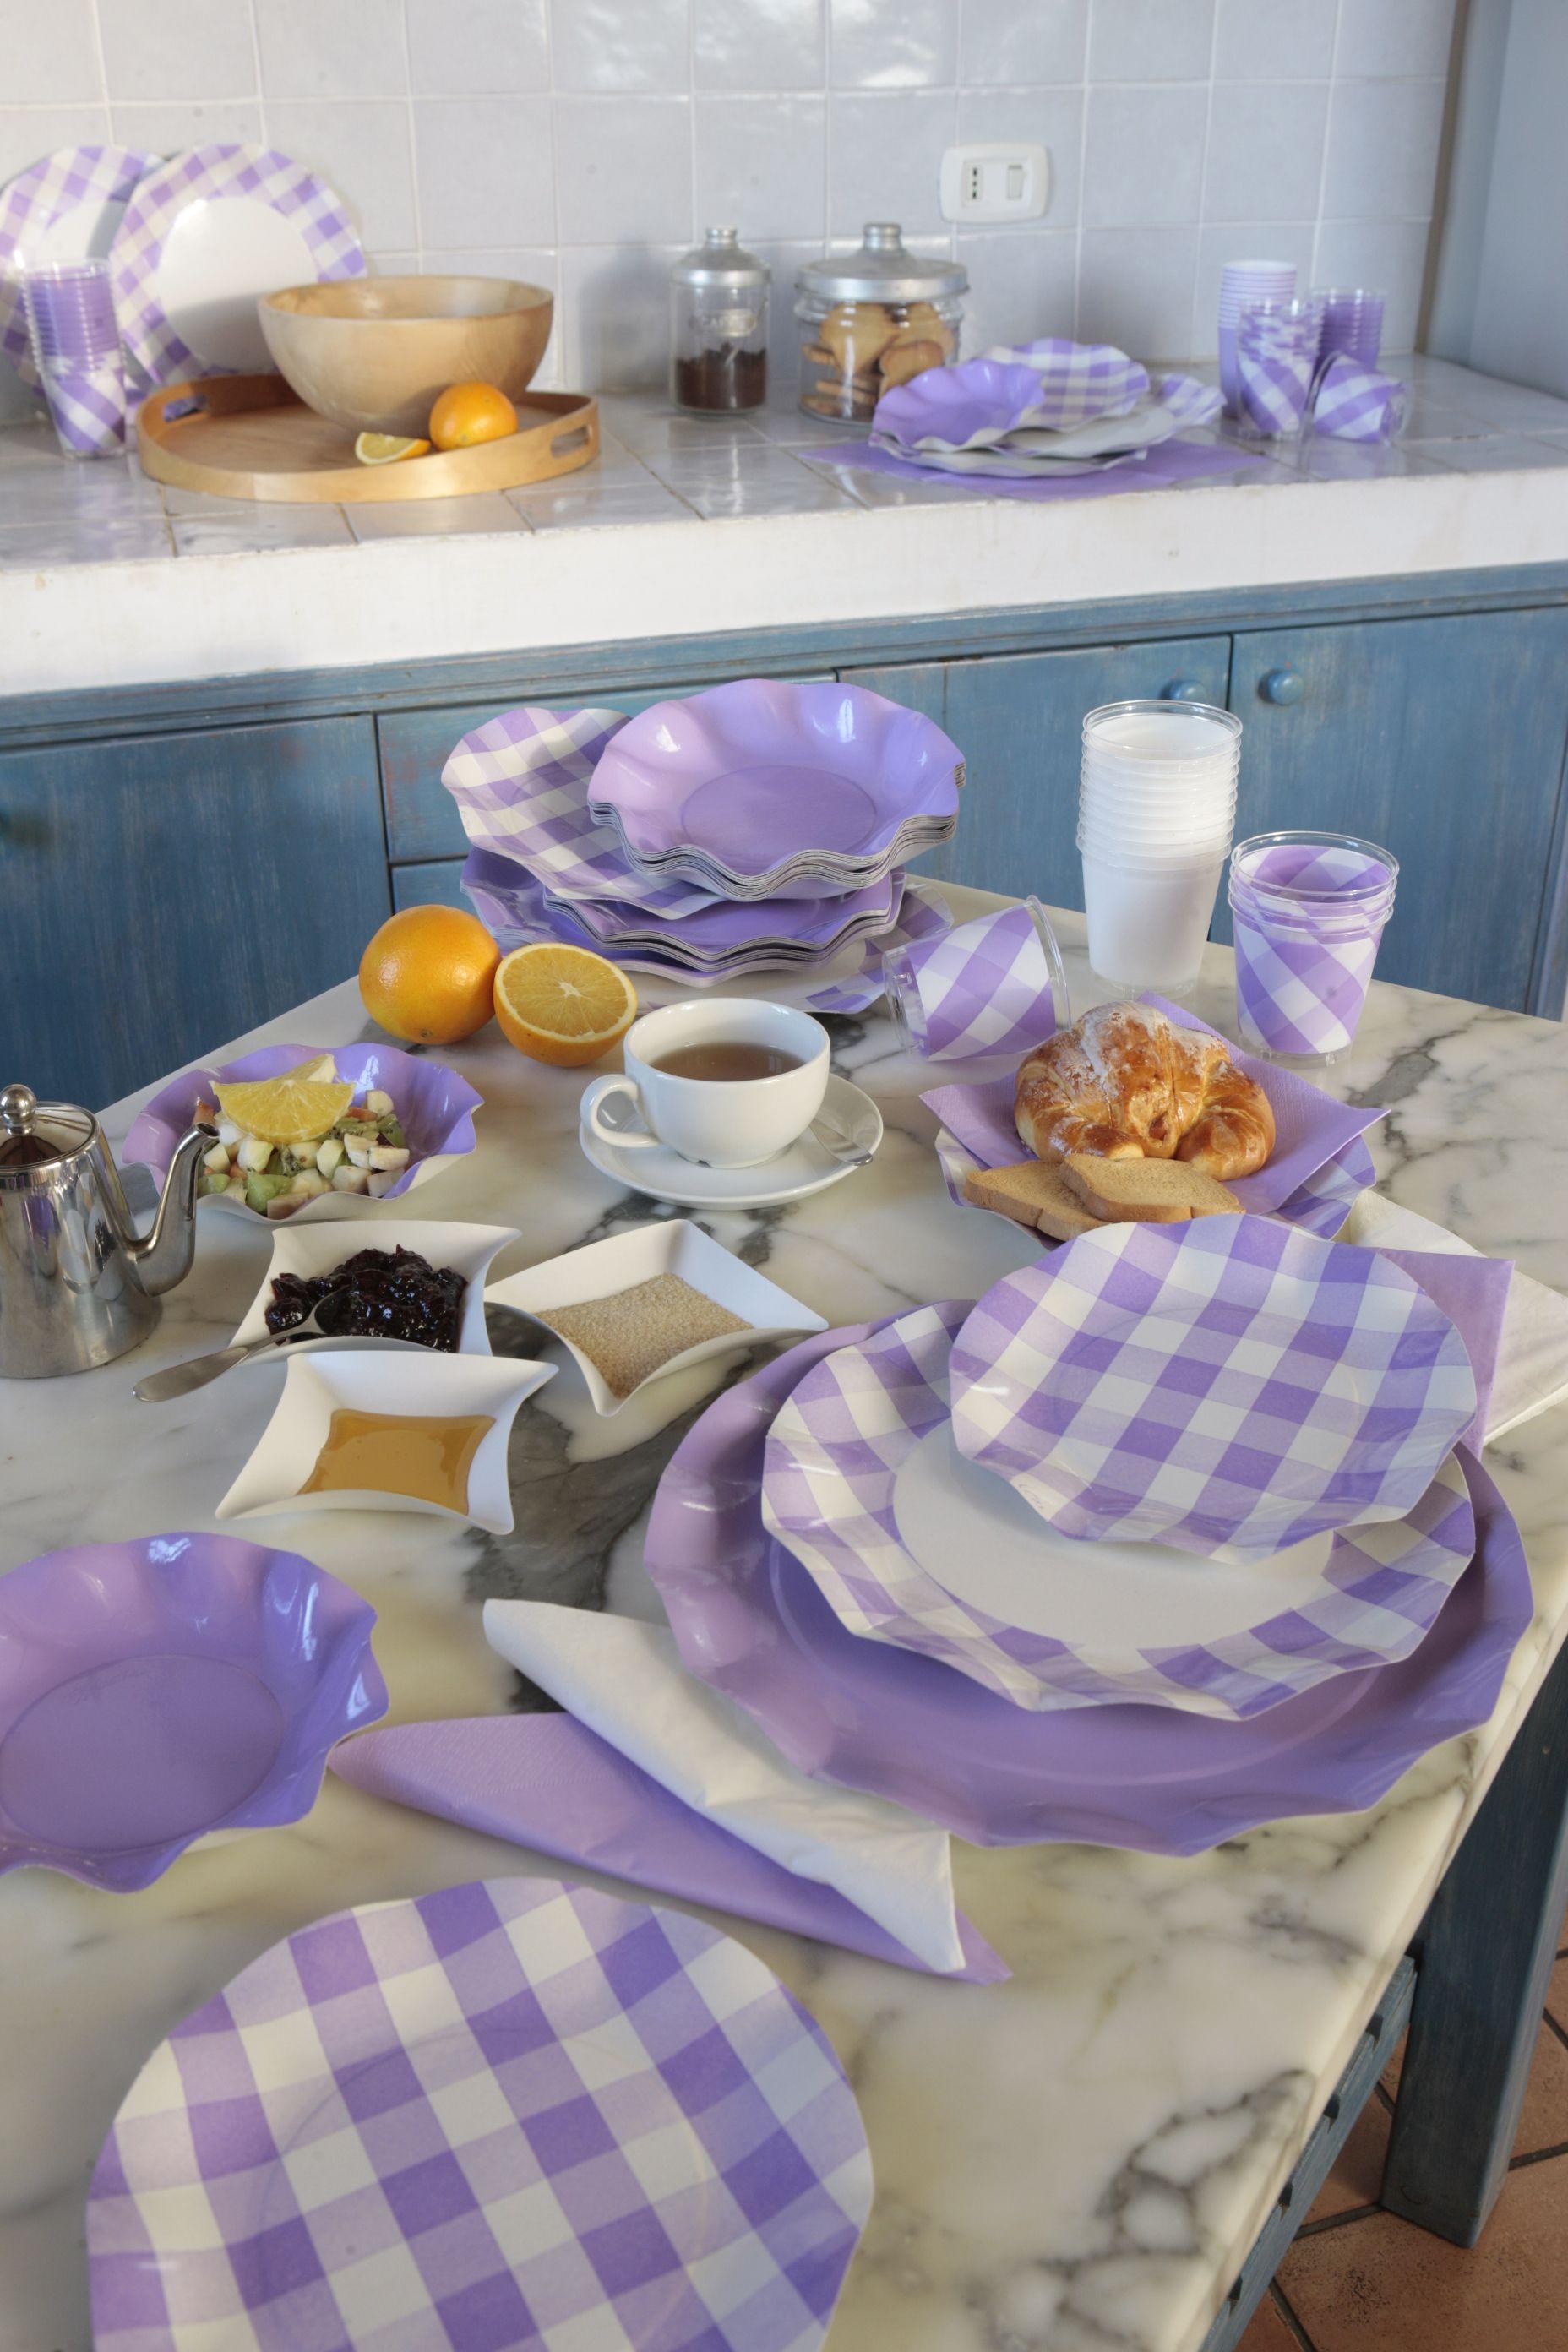 Coordinato tavola usa e getta vichy lilla piatti in - Disposizione bicchieri in tavola ...